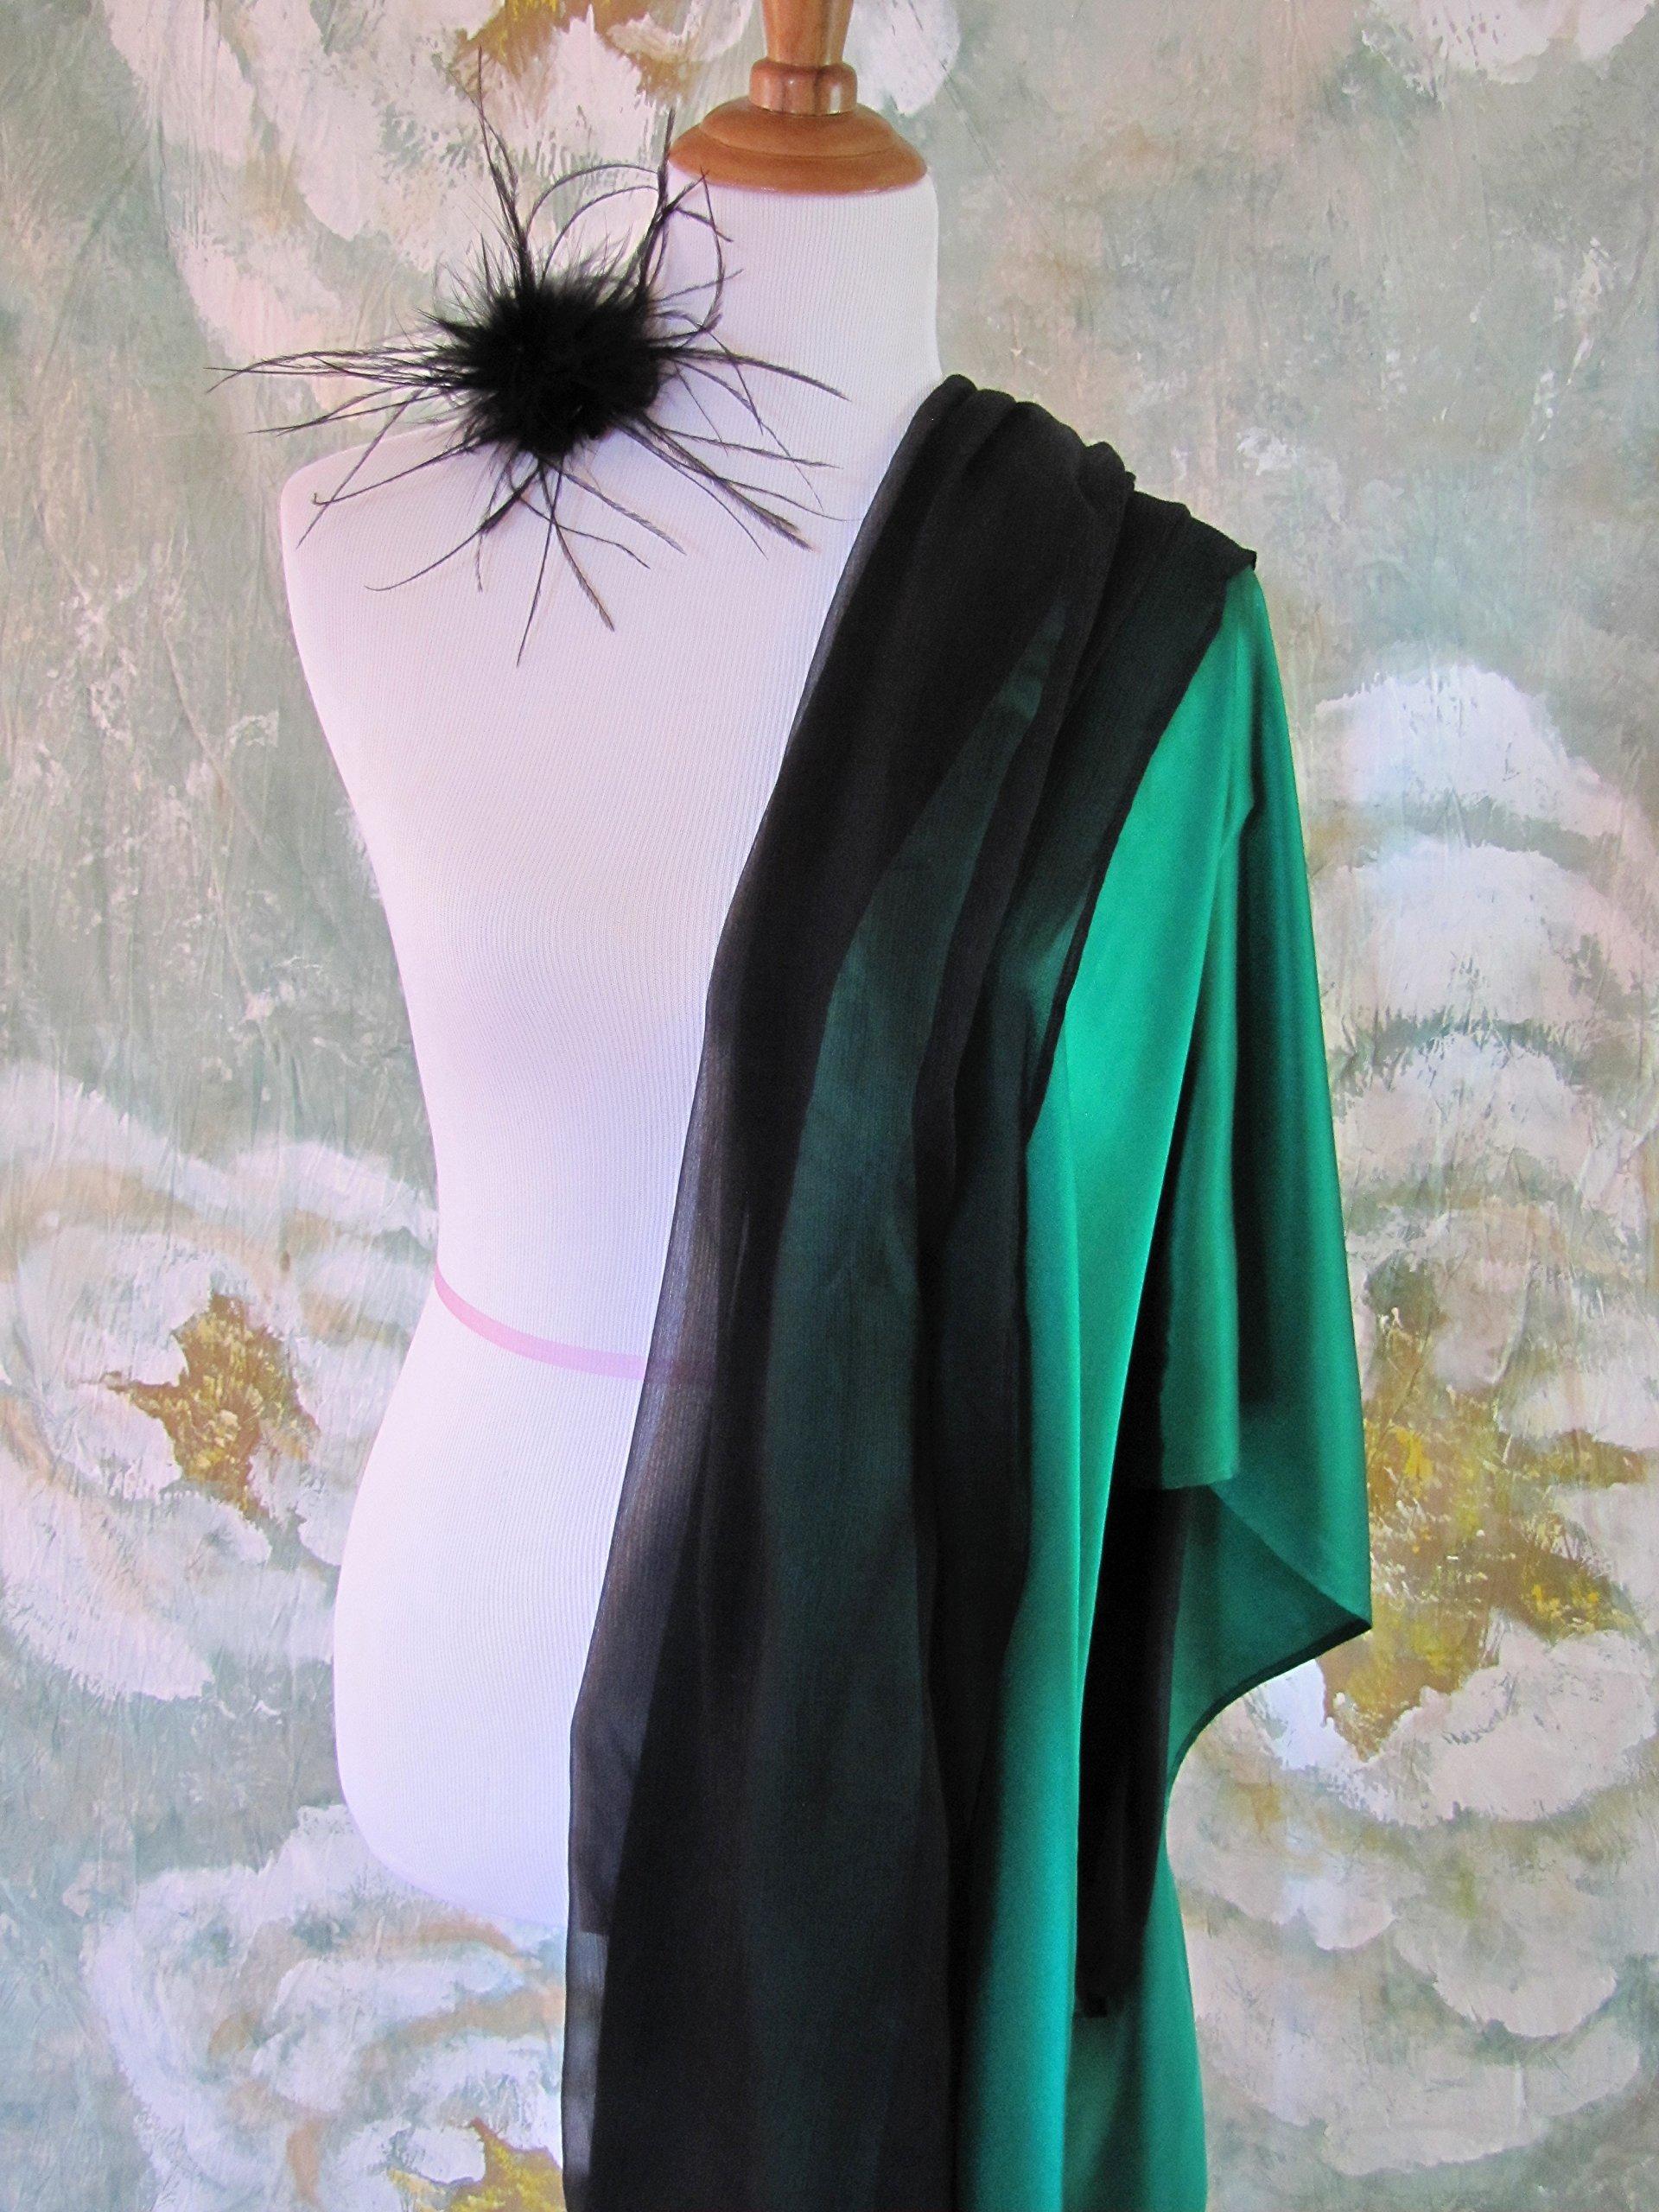 Silk Evening Wrap, Silk Shawl, Two-tone Kelly Green and Black, Silk Scarf, Evening Shawl, Handmade